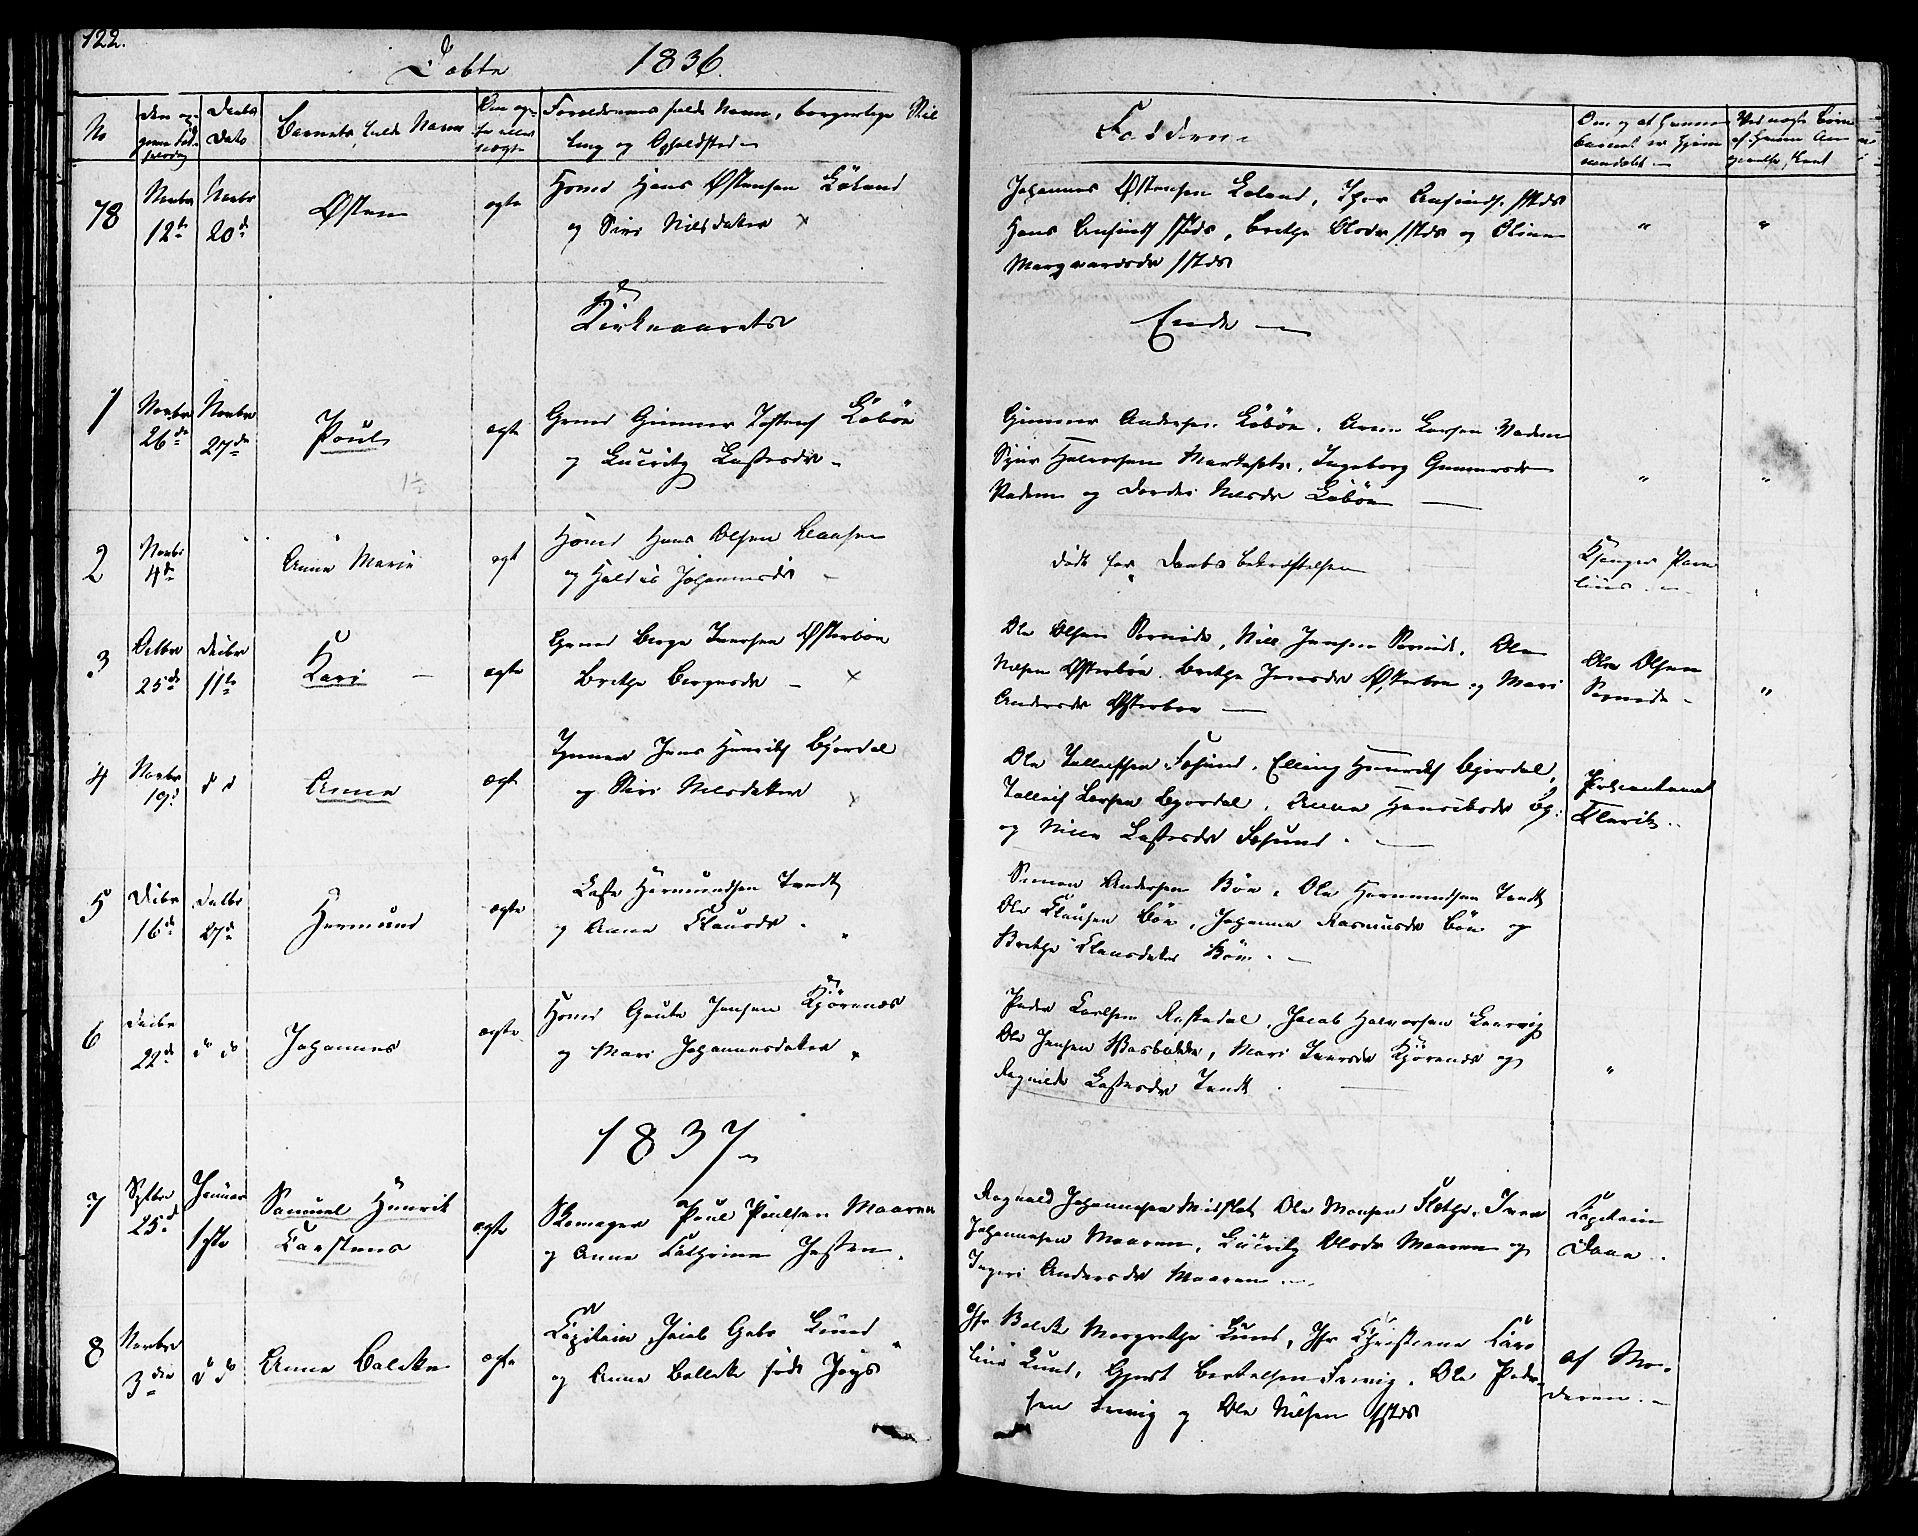 SAB, Lavik sokneprestembete, Ministerialbok nr. A 2I, 1821-1842, s. 122